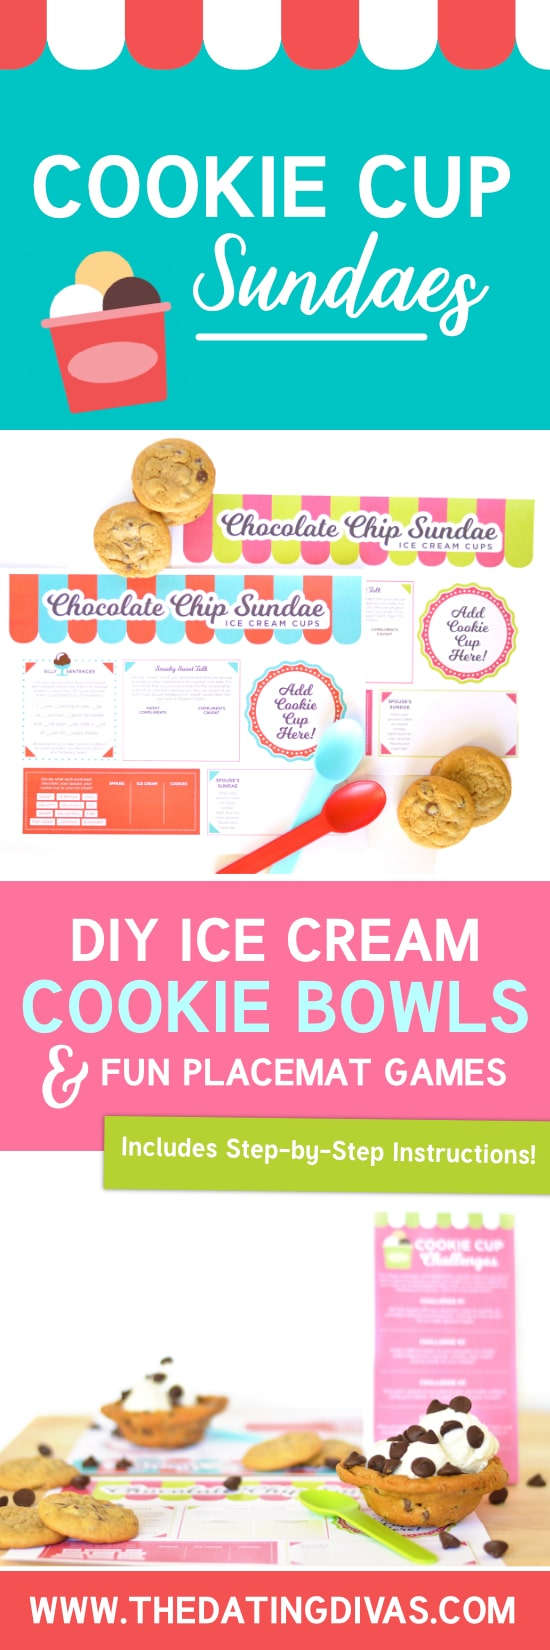 Ice Cream Cookie Cup Sundae Date Idea